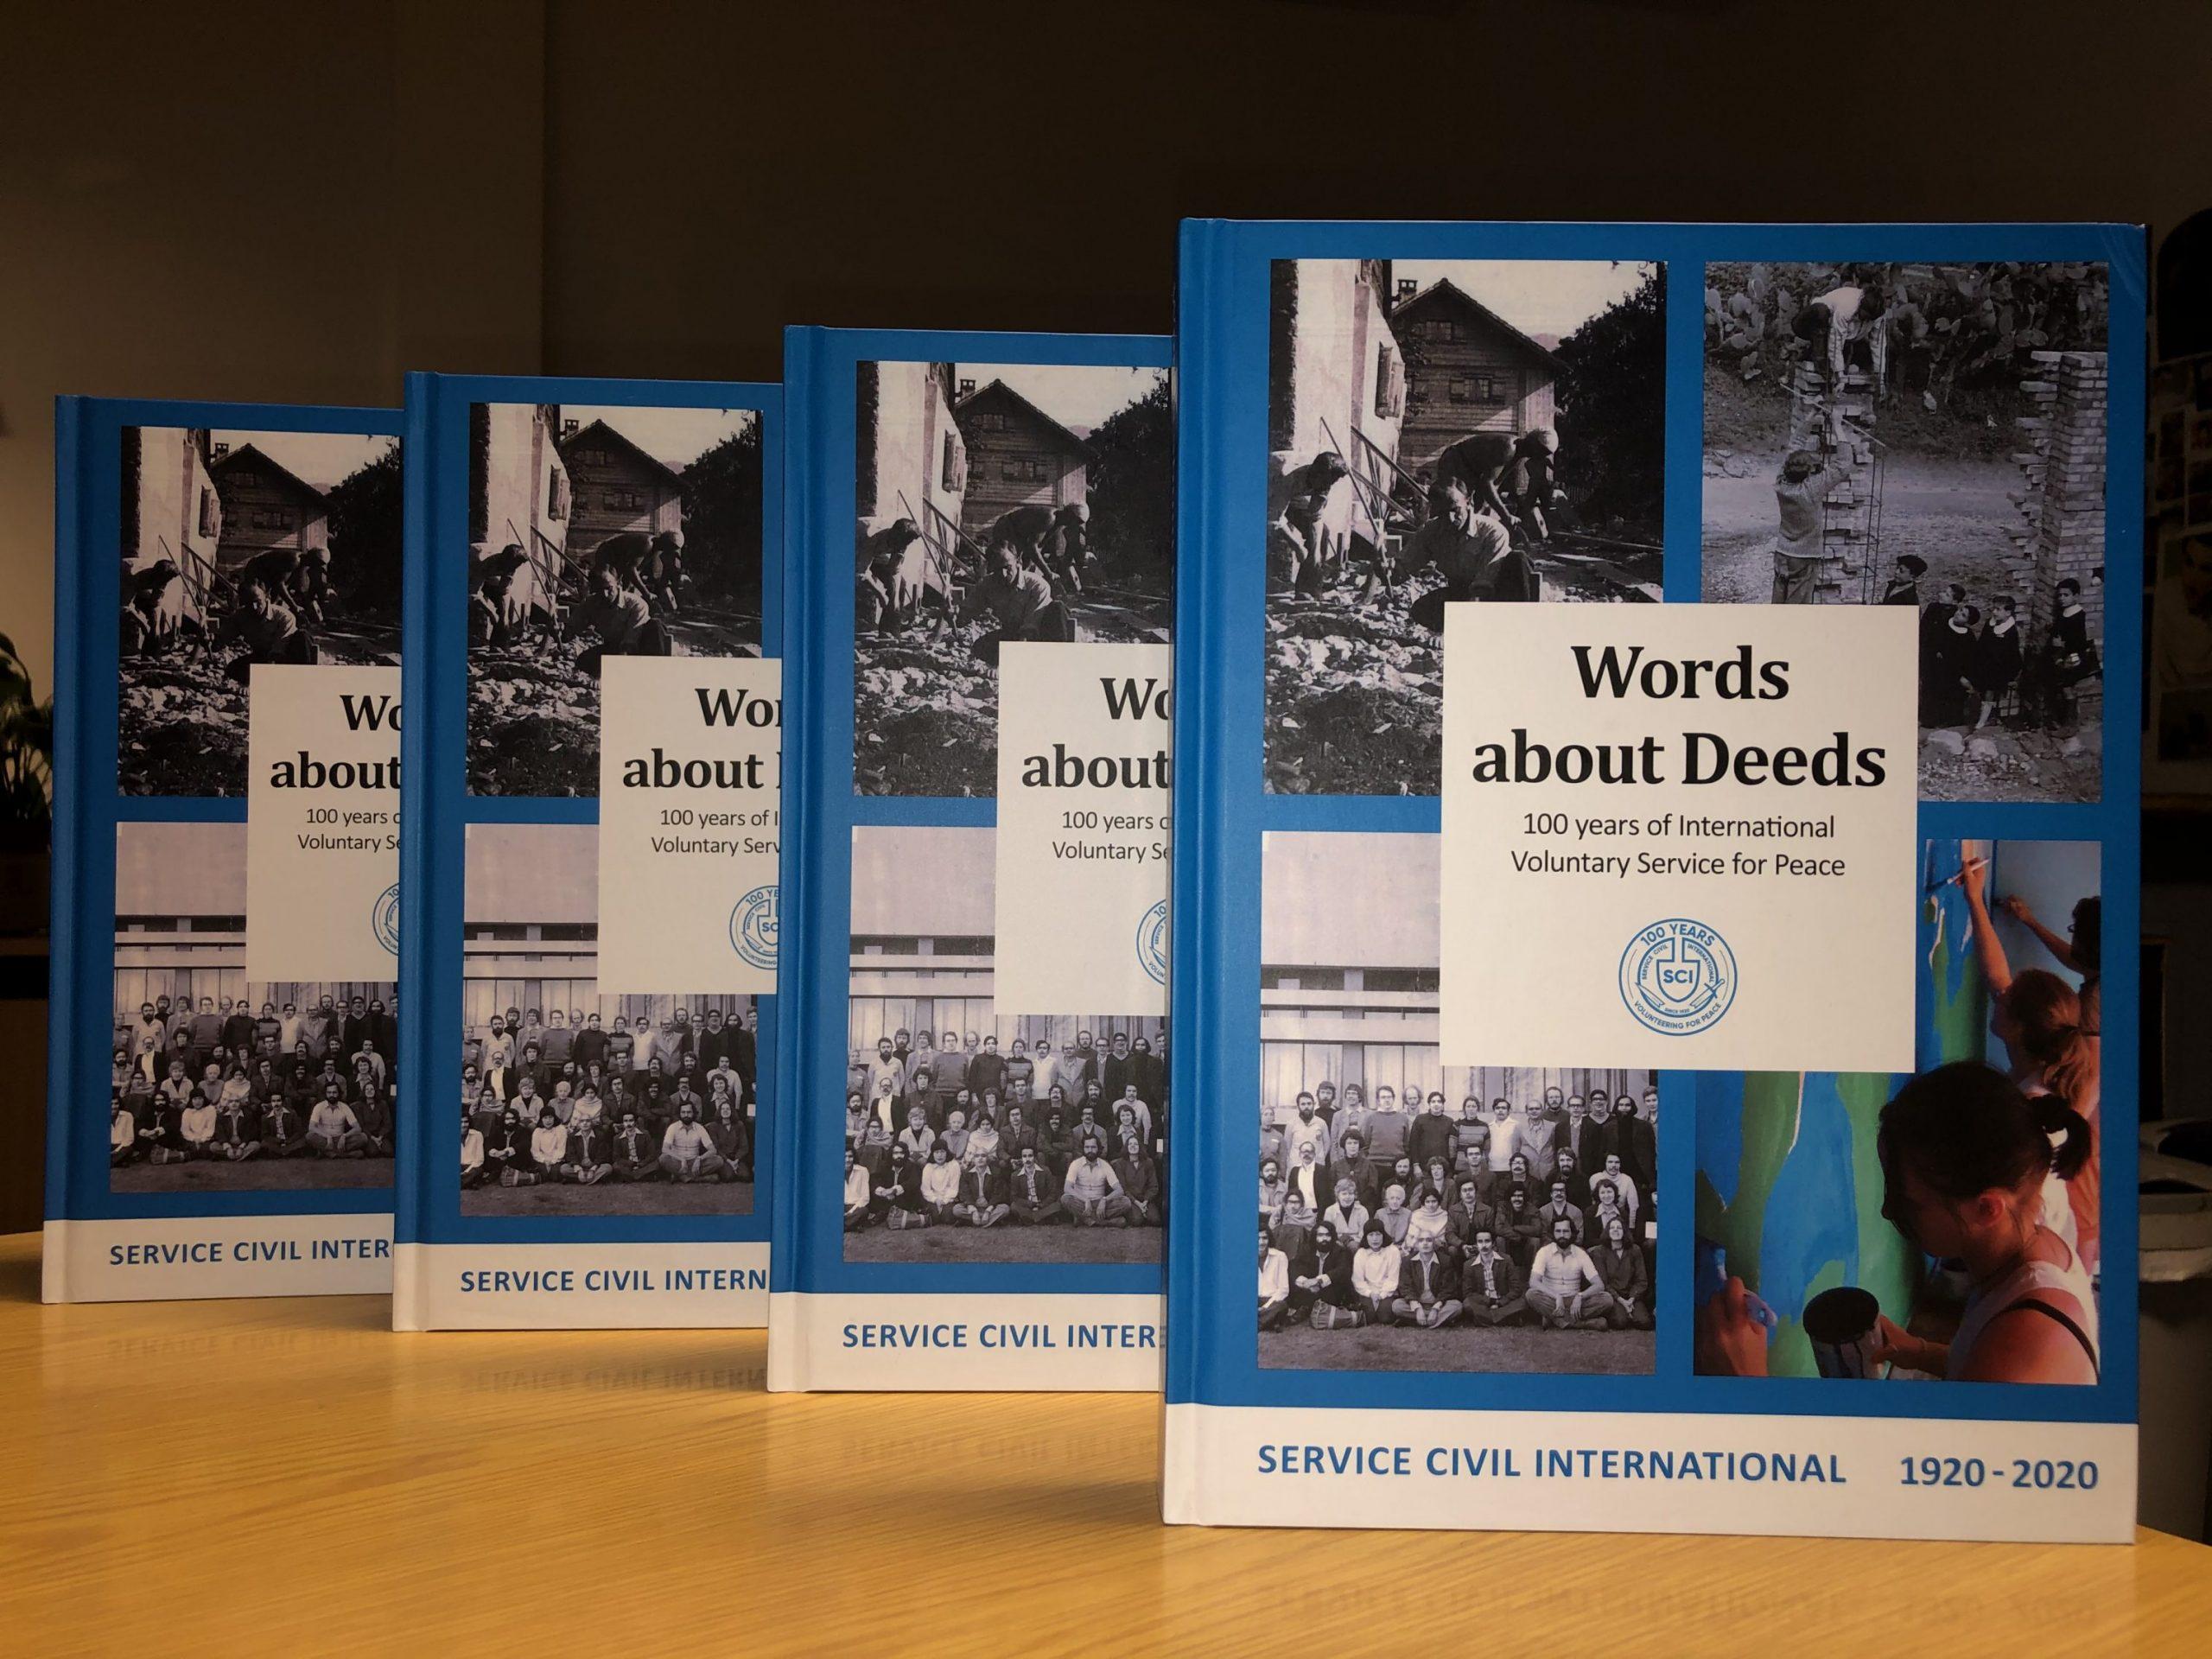 """Il libro """"Words about Deeds"""" ripercorre la lunga storia del servizio civile internazionale per la pace. Diversi articoli evidenziano le fasi e gli sviluppi del SCI con l'aiuto di storie e ritratti di attivisti durante i 100 anni del SCI."""